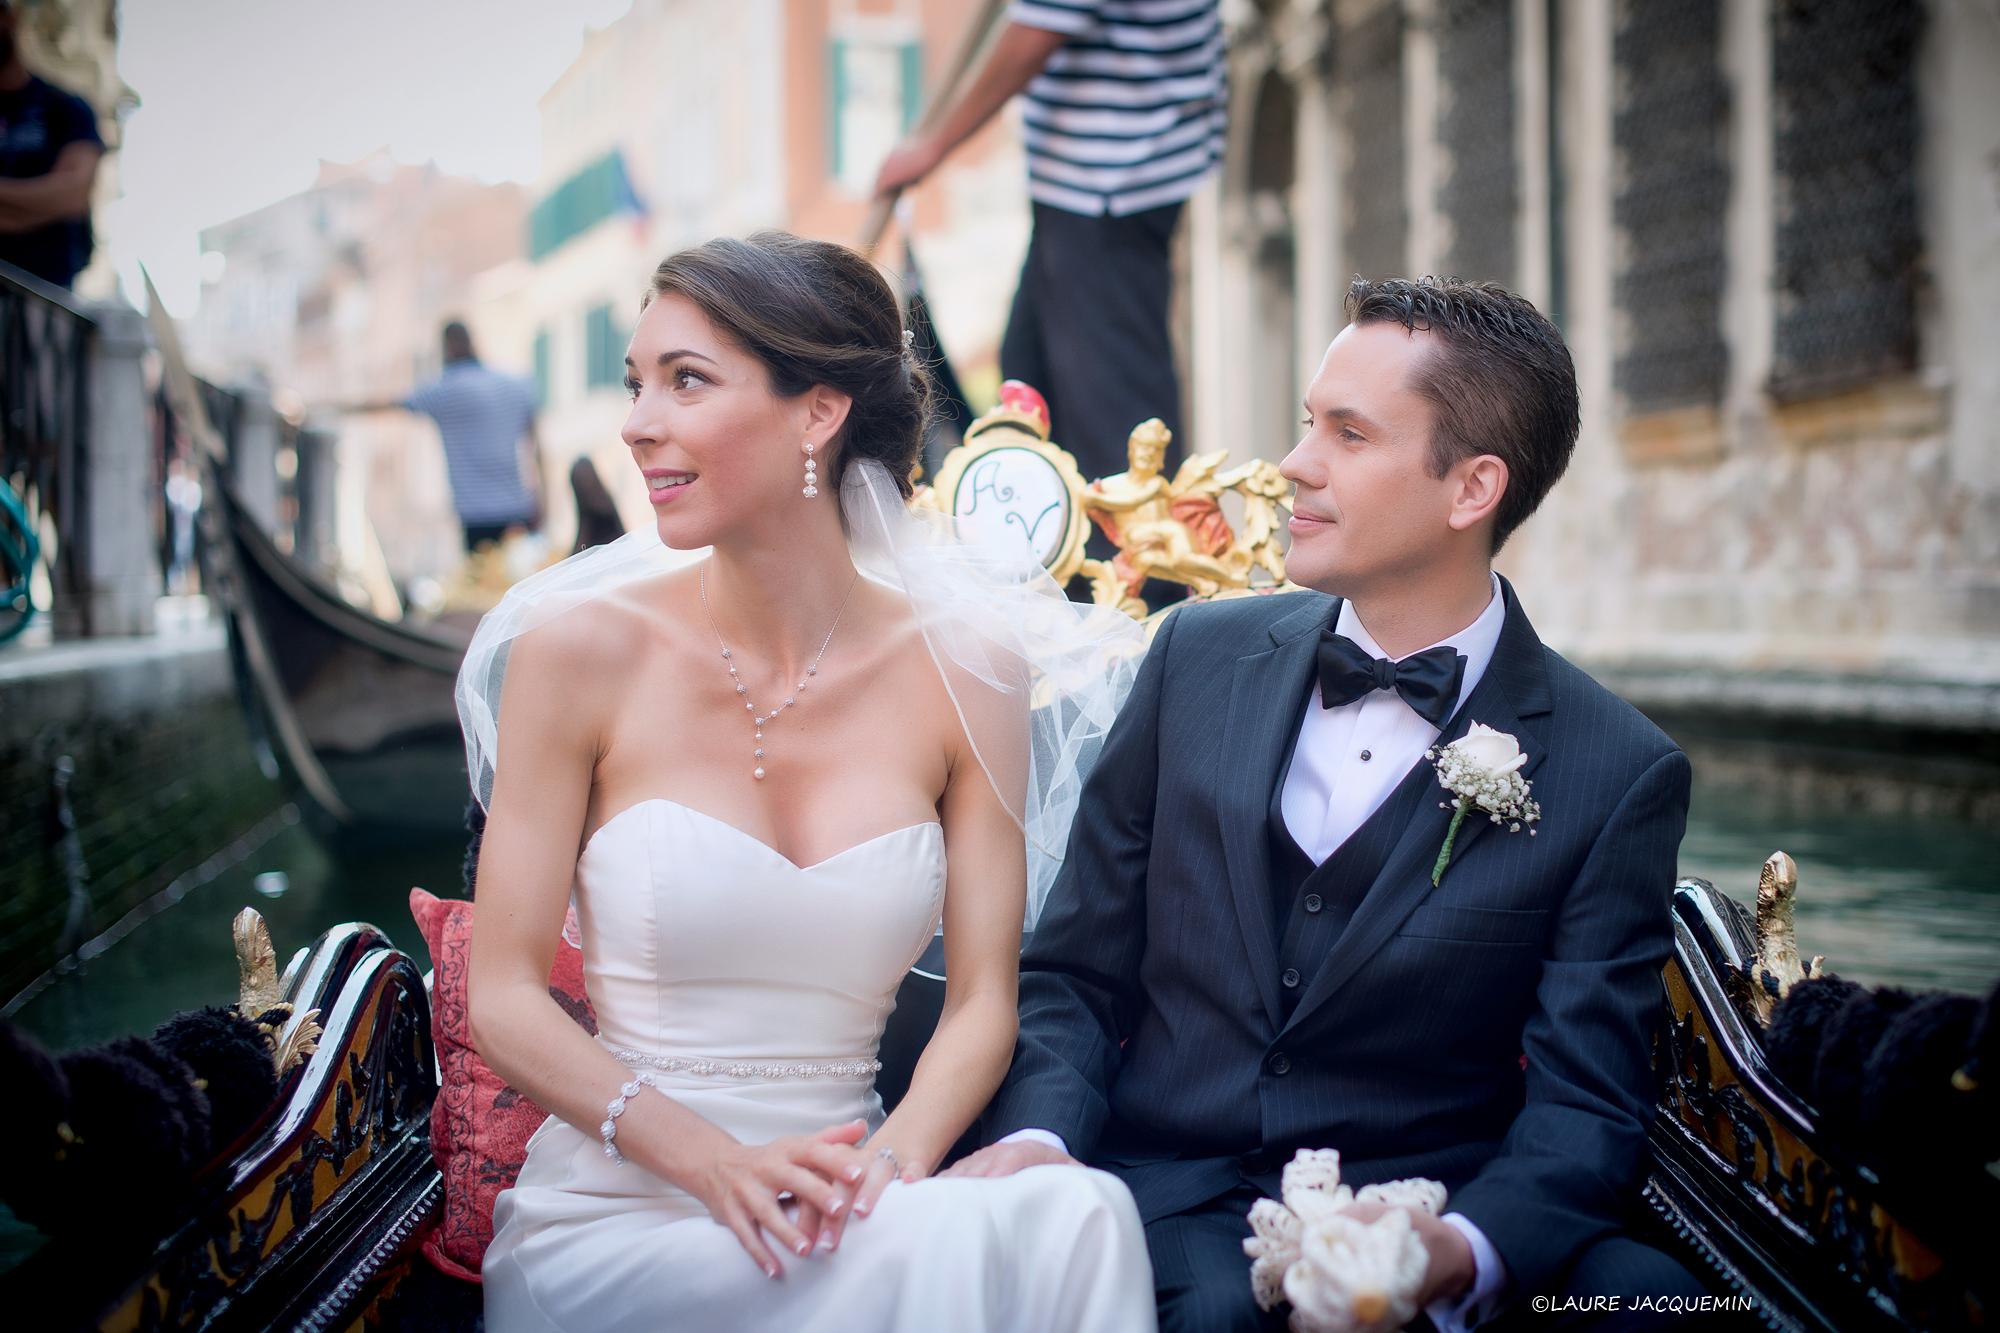 venise mariage photographe laure Jacquemin simbolique jardin venitien gondole (137)